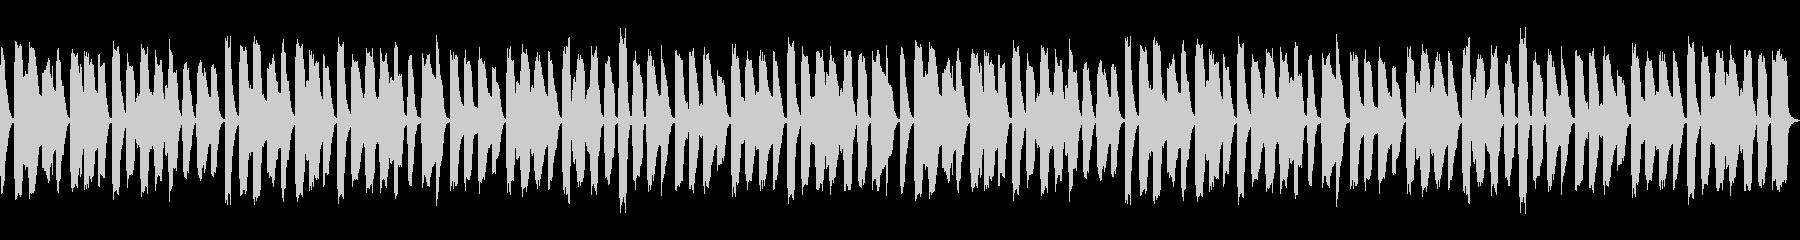 ほのぼのした日常 リコーダーとピアノ楽曲の未再生の波形